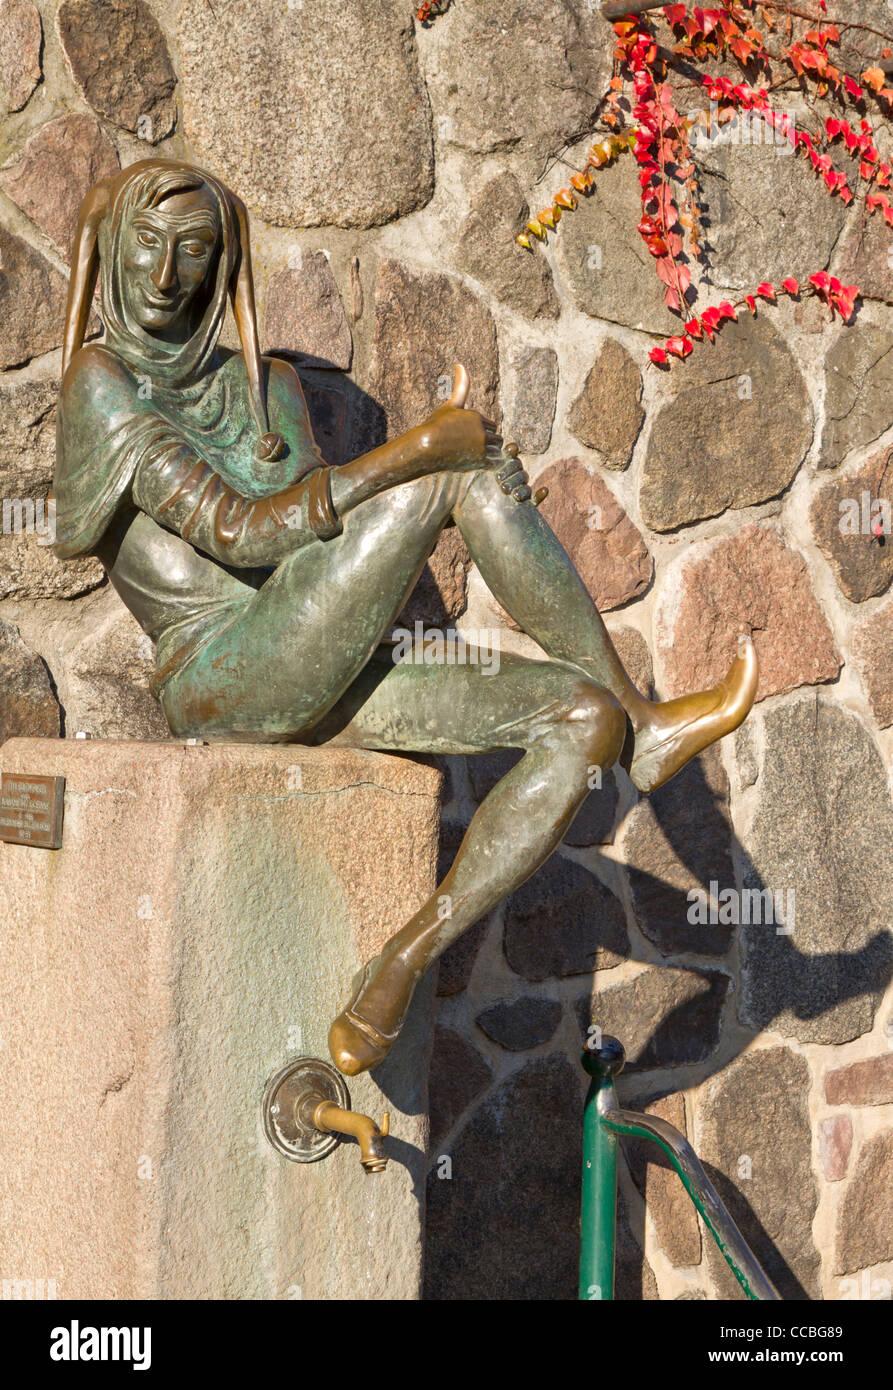 Till Eulenspiegel in Mölln, Germany - Stock Image